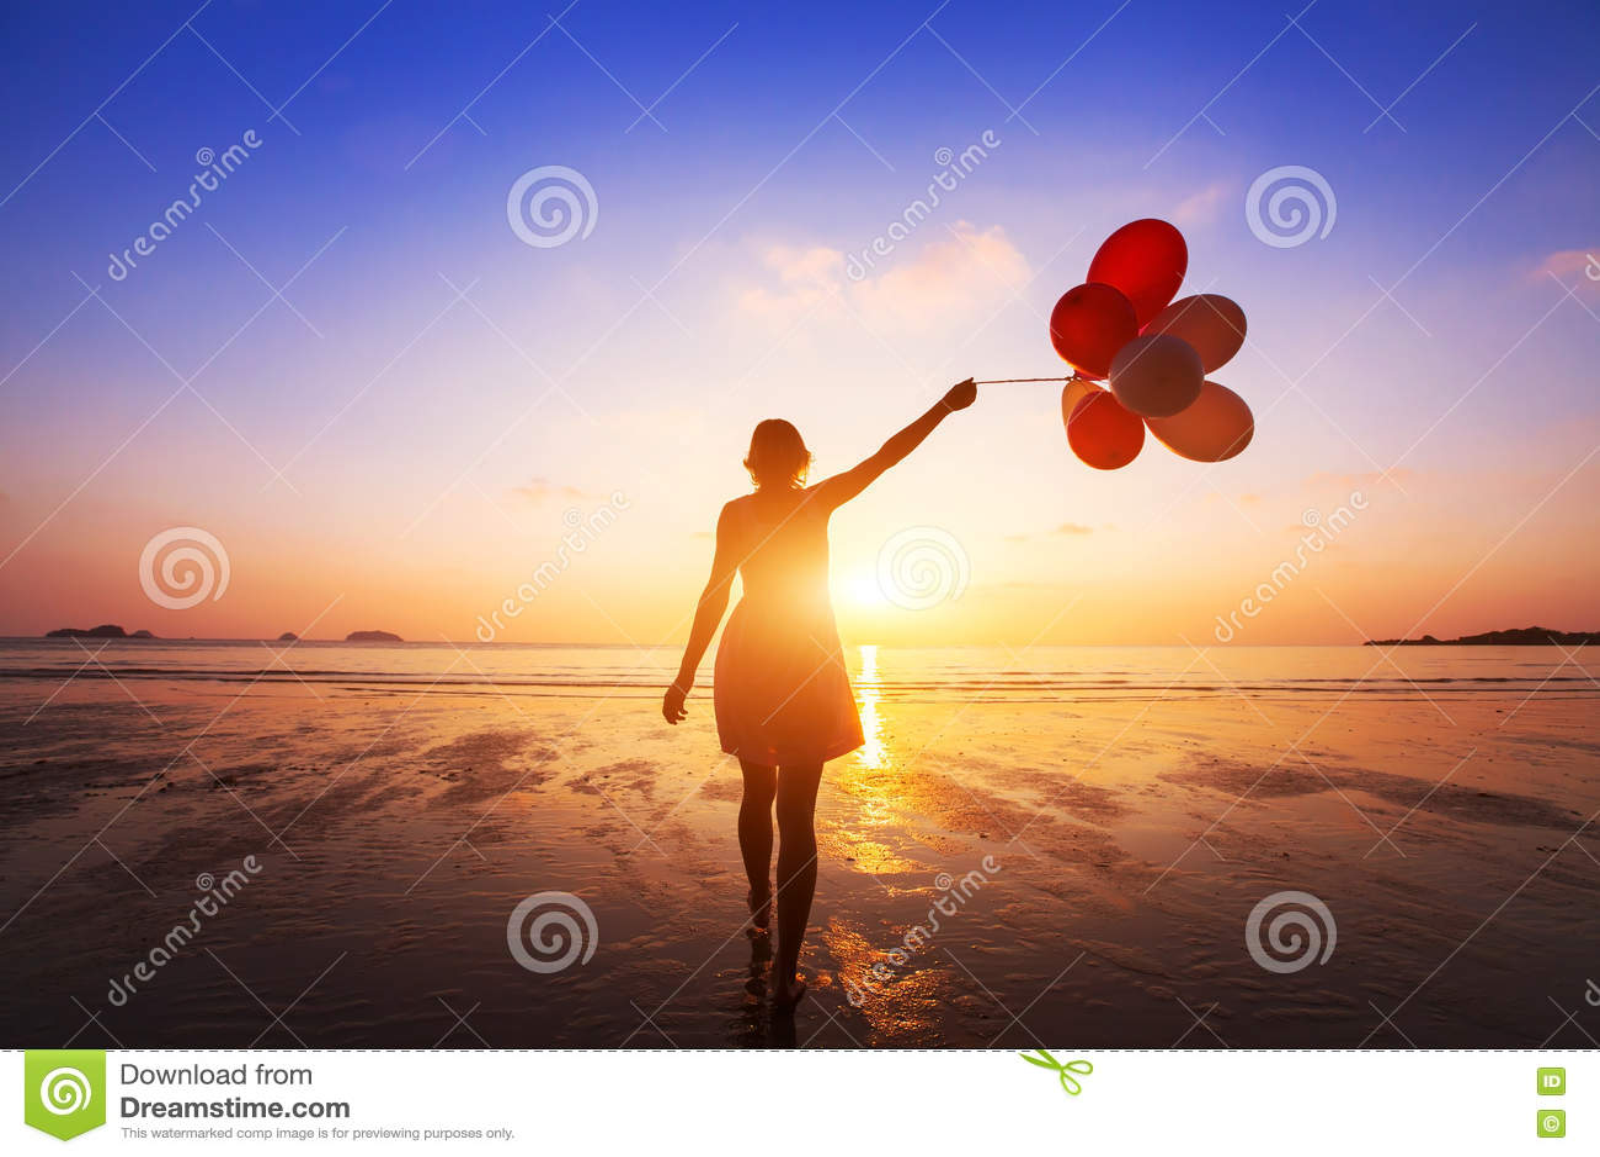 Concept de bonheur, émotions positives, fille heureuse